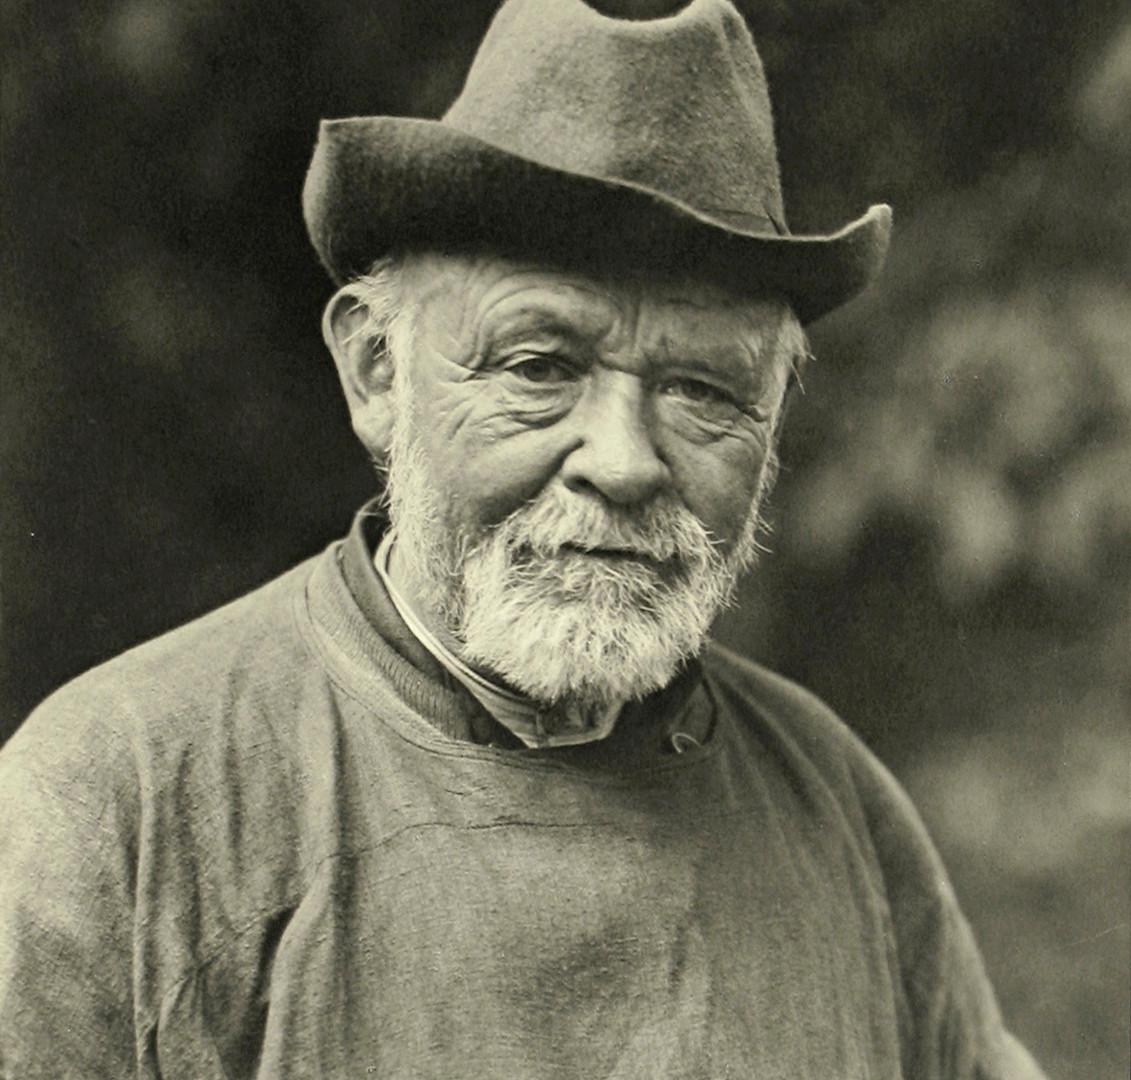 August Sander, The Sage, 1913